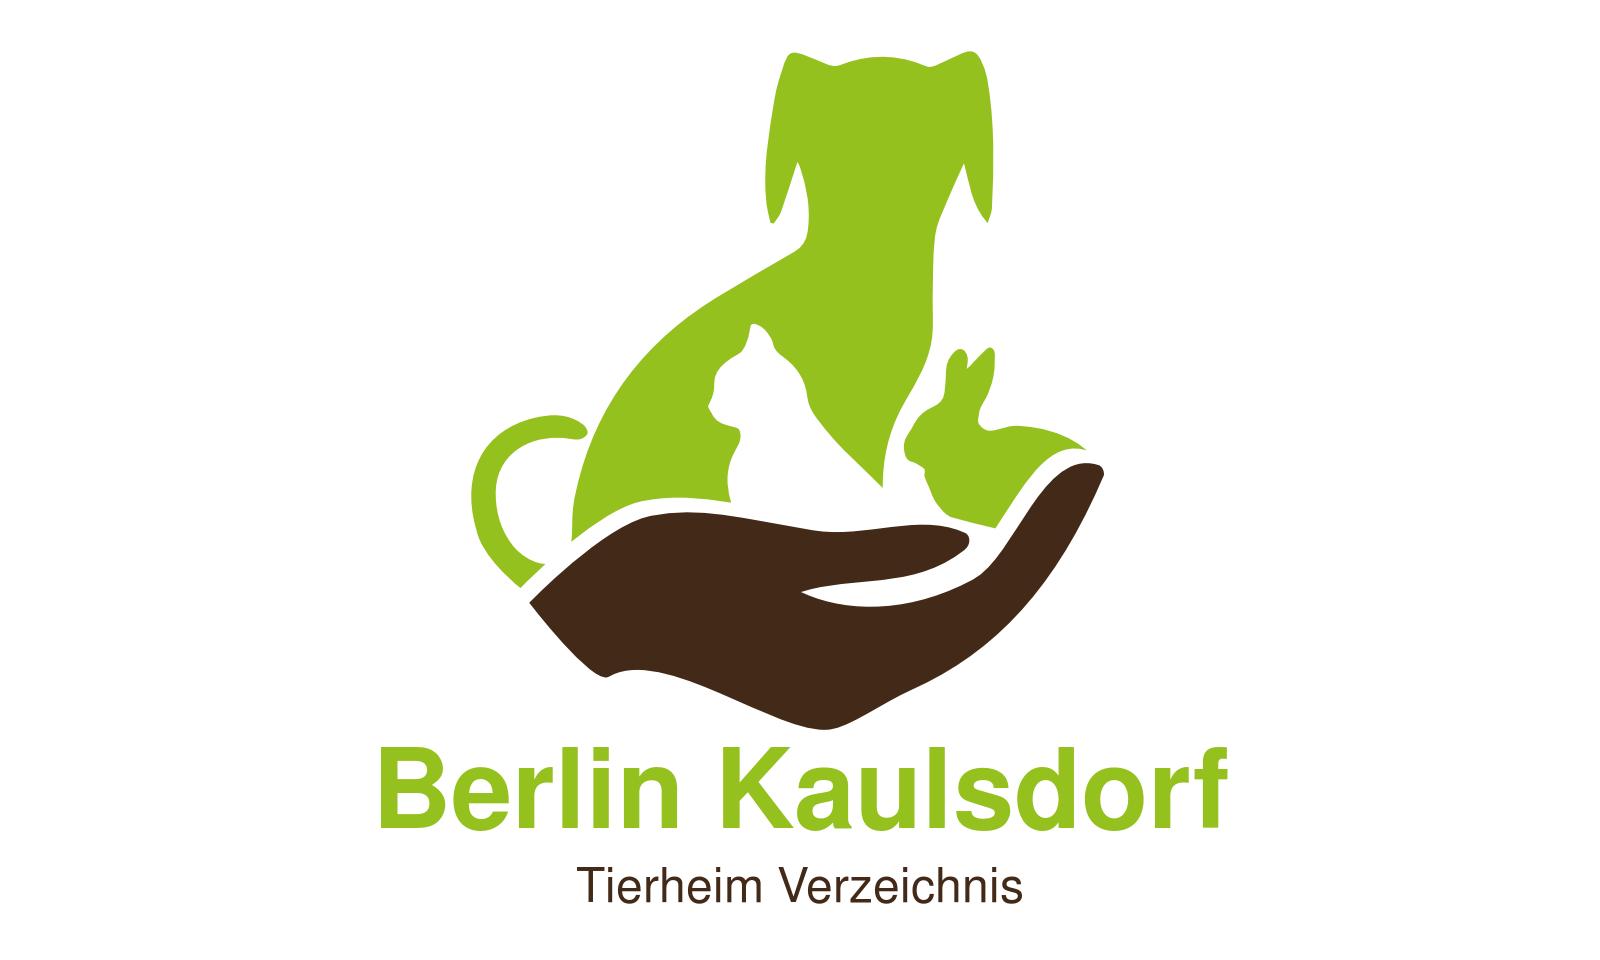 Tierheim Berlin Kaulsdorf